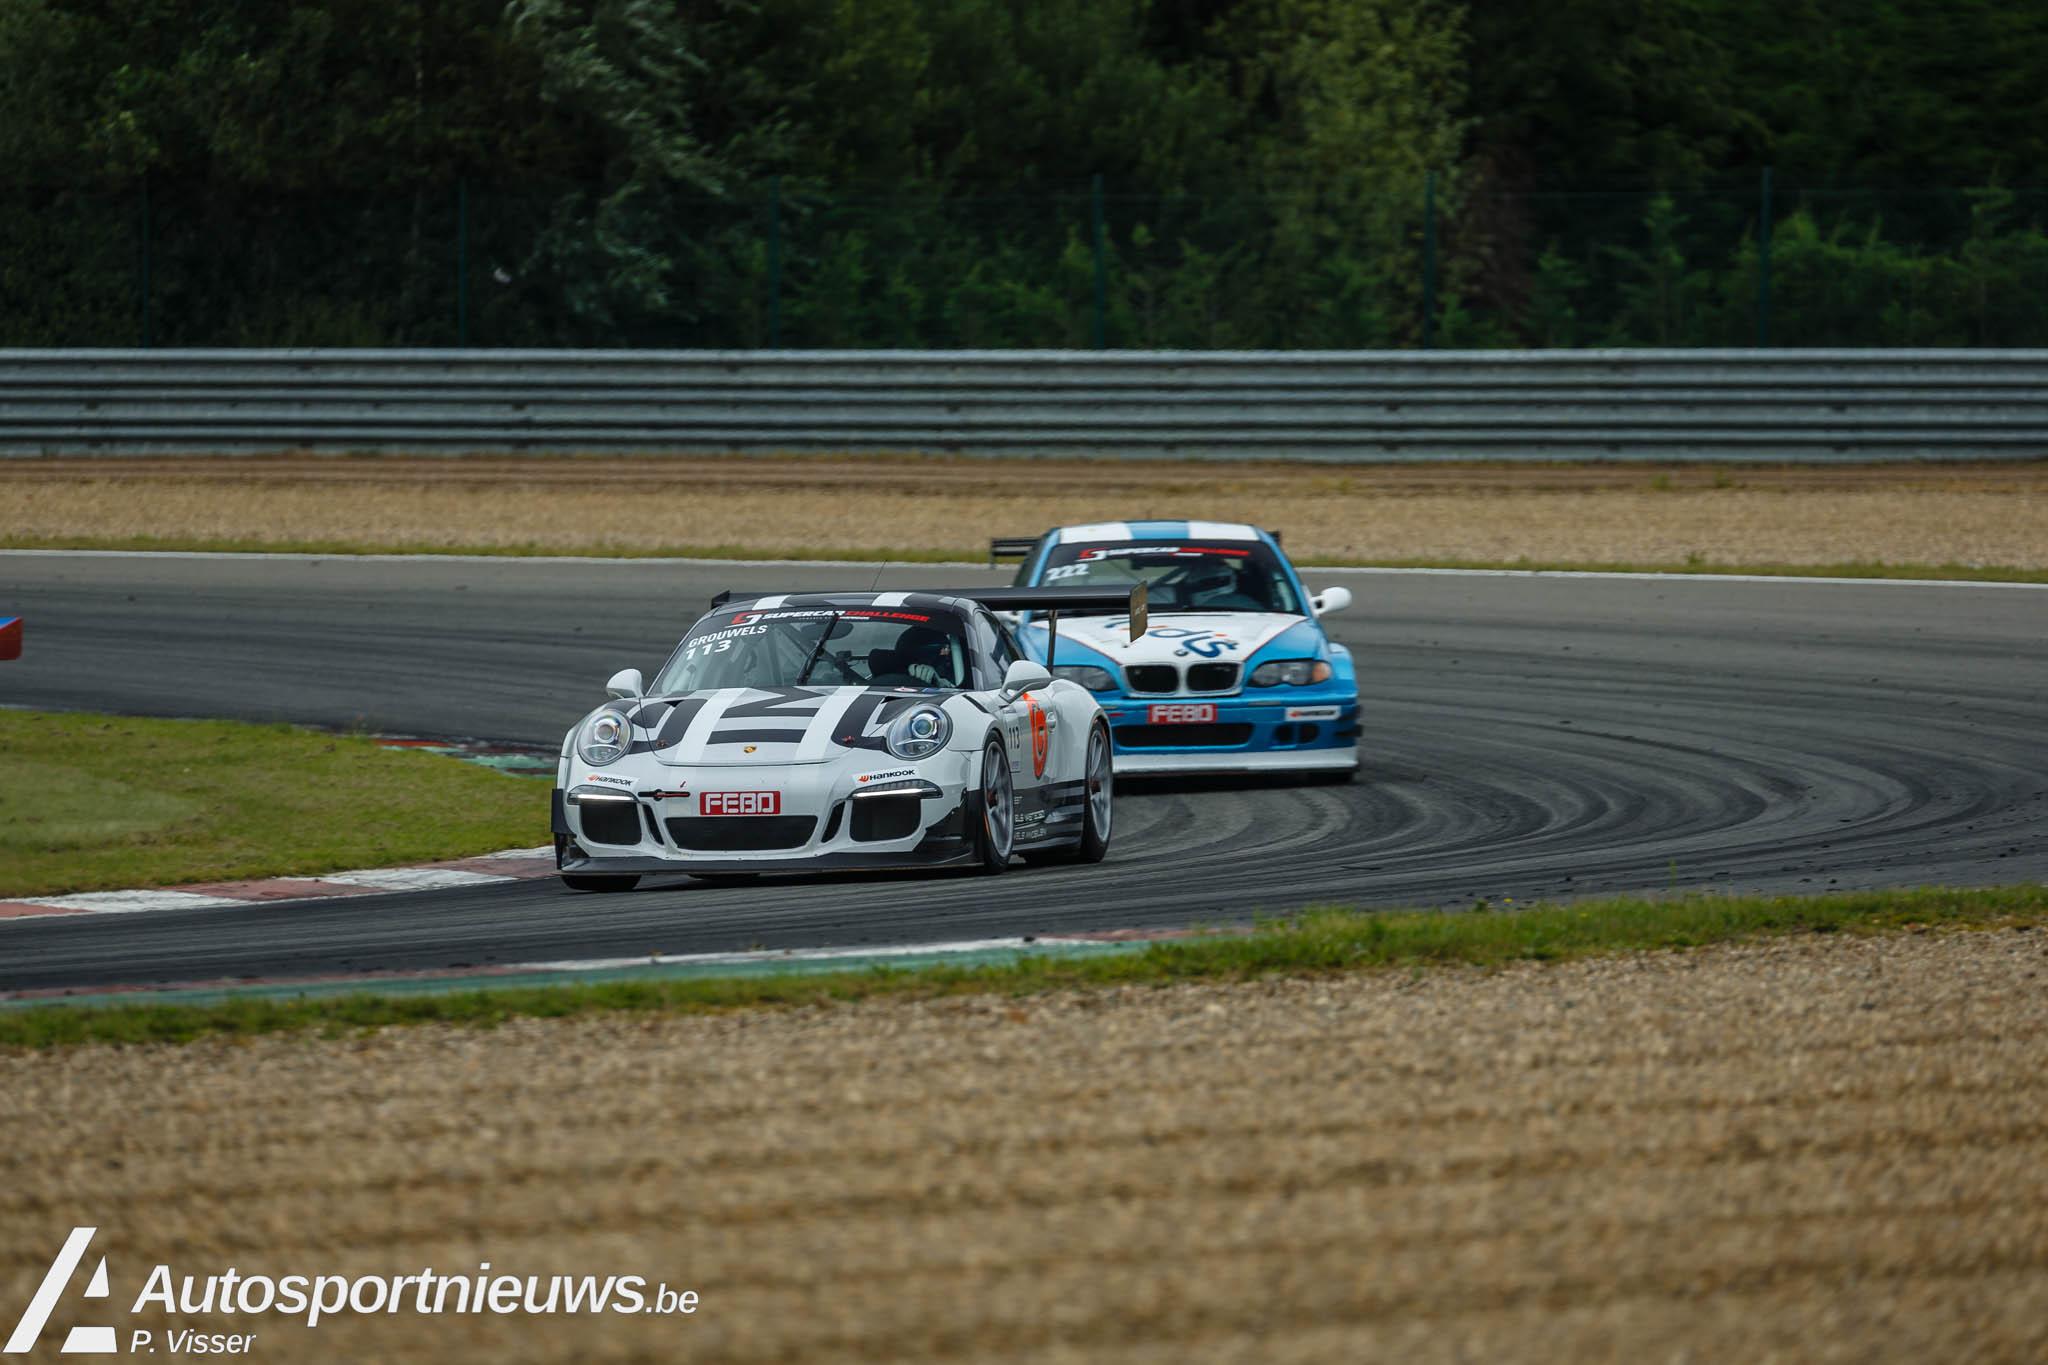 Team RaceArt scoort sterk op Circuit Zolder